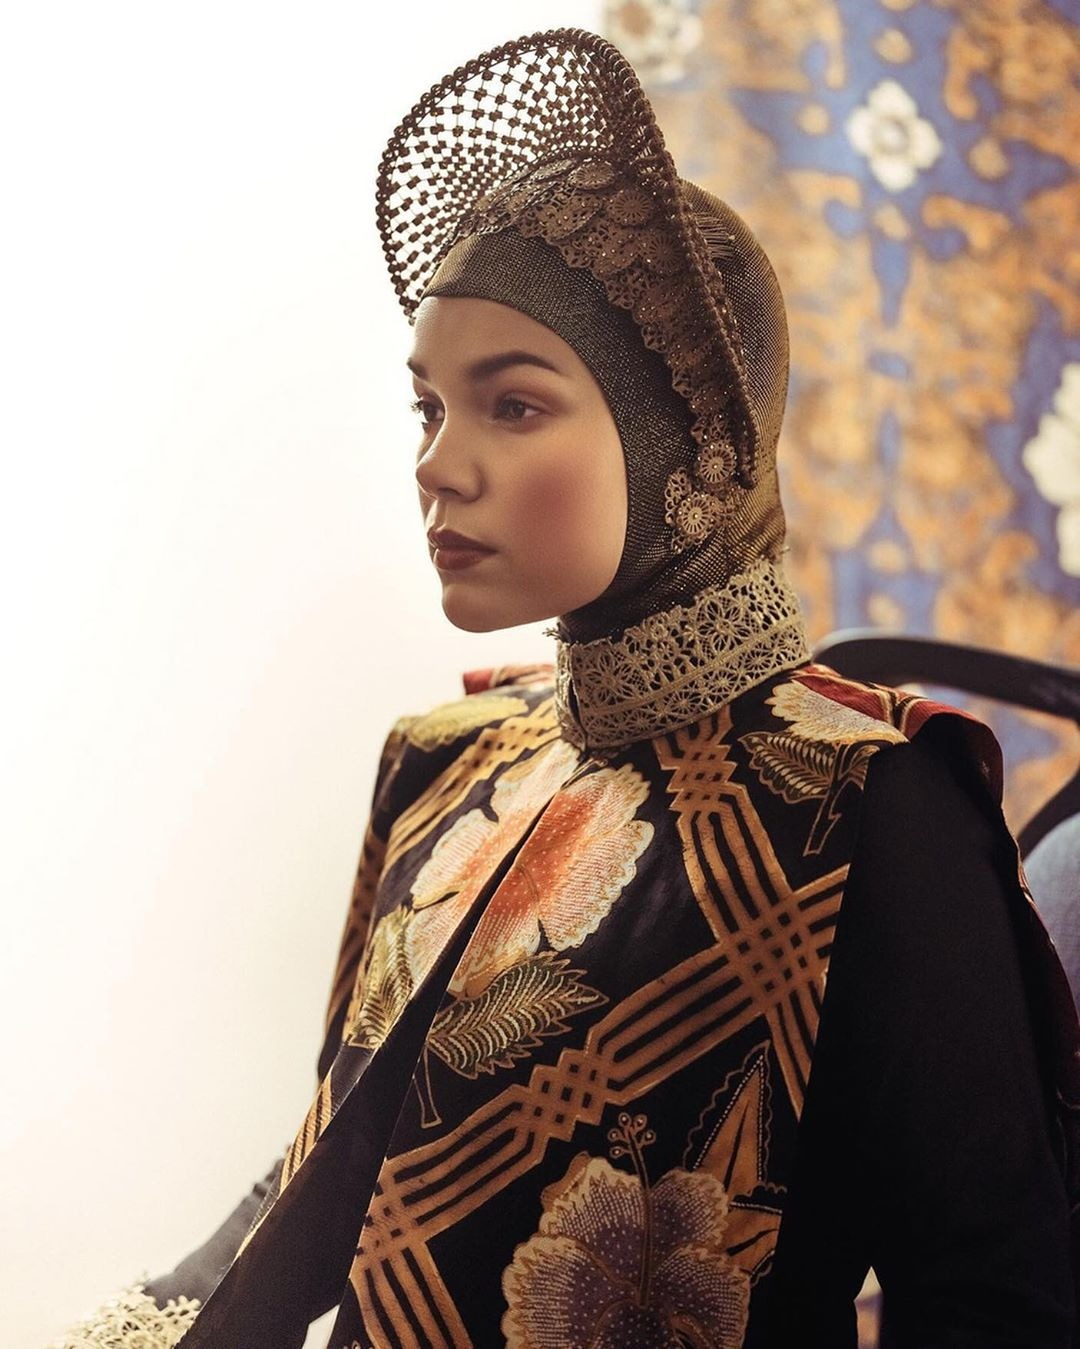 Lambungkan Nama Indonesia Ini 5 Desainer Lokal Yang Karyanya Tembus Pasar Internasional Archives Beauty Journal